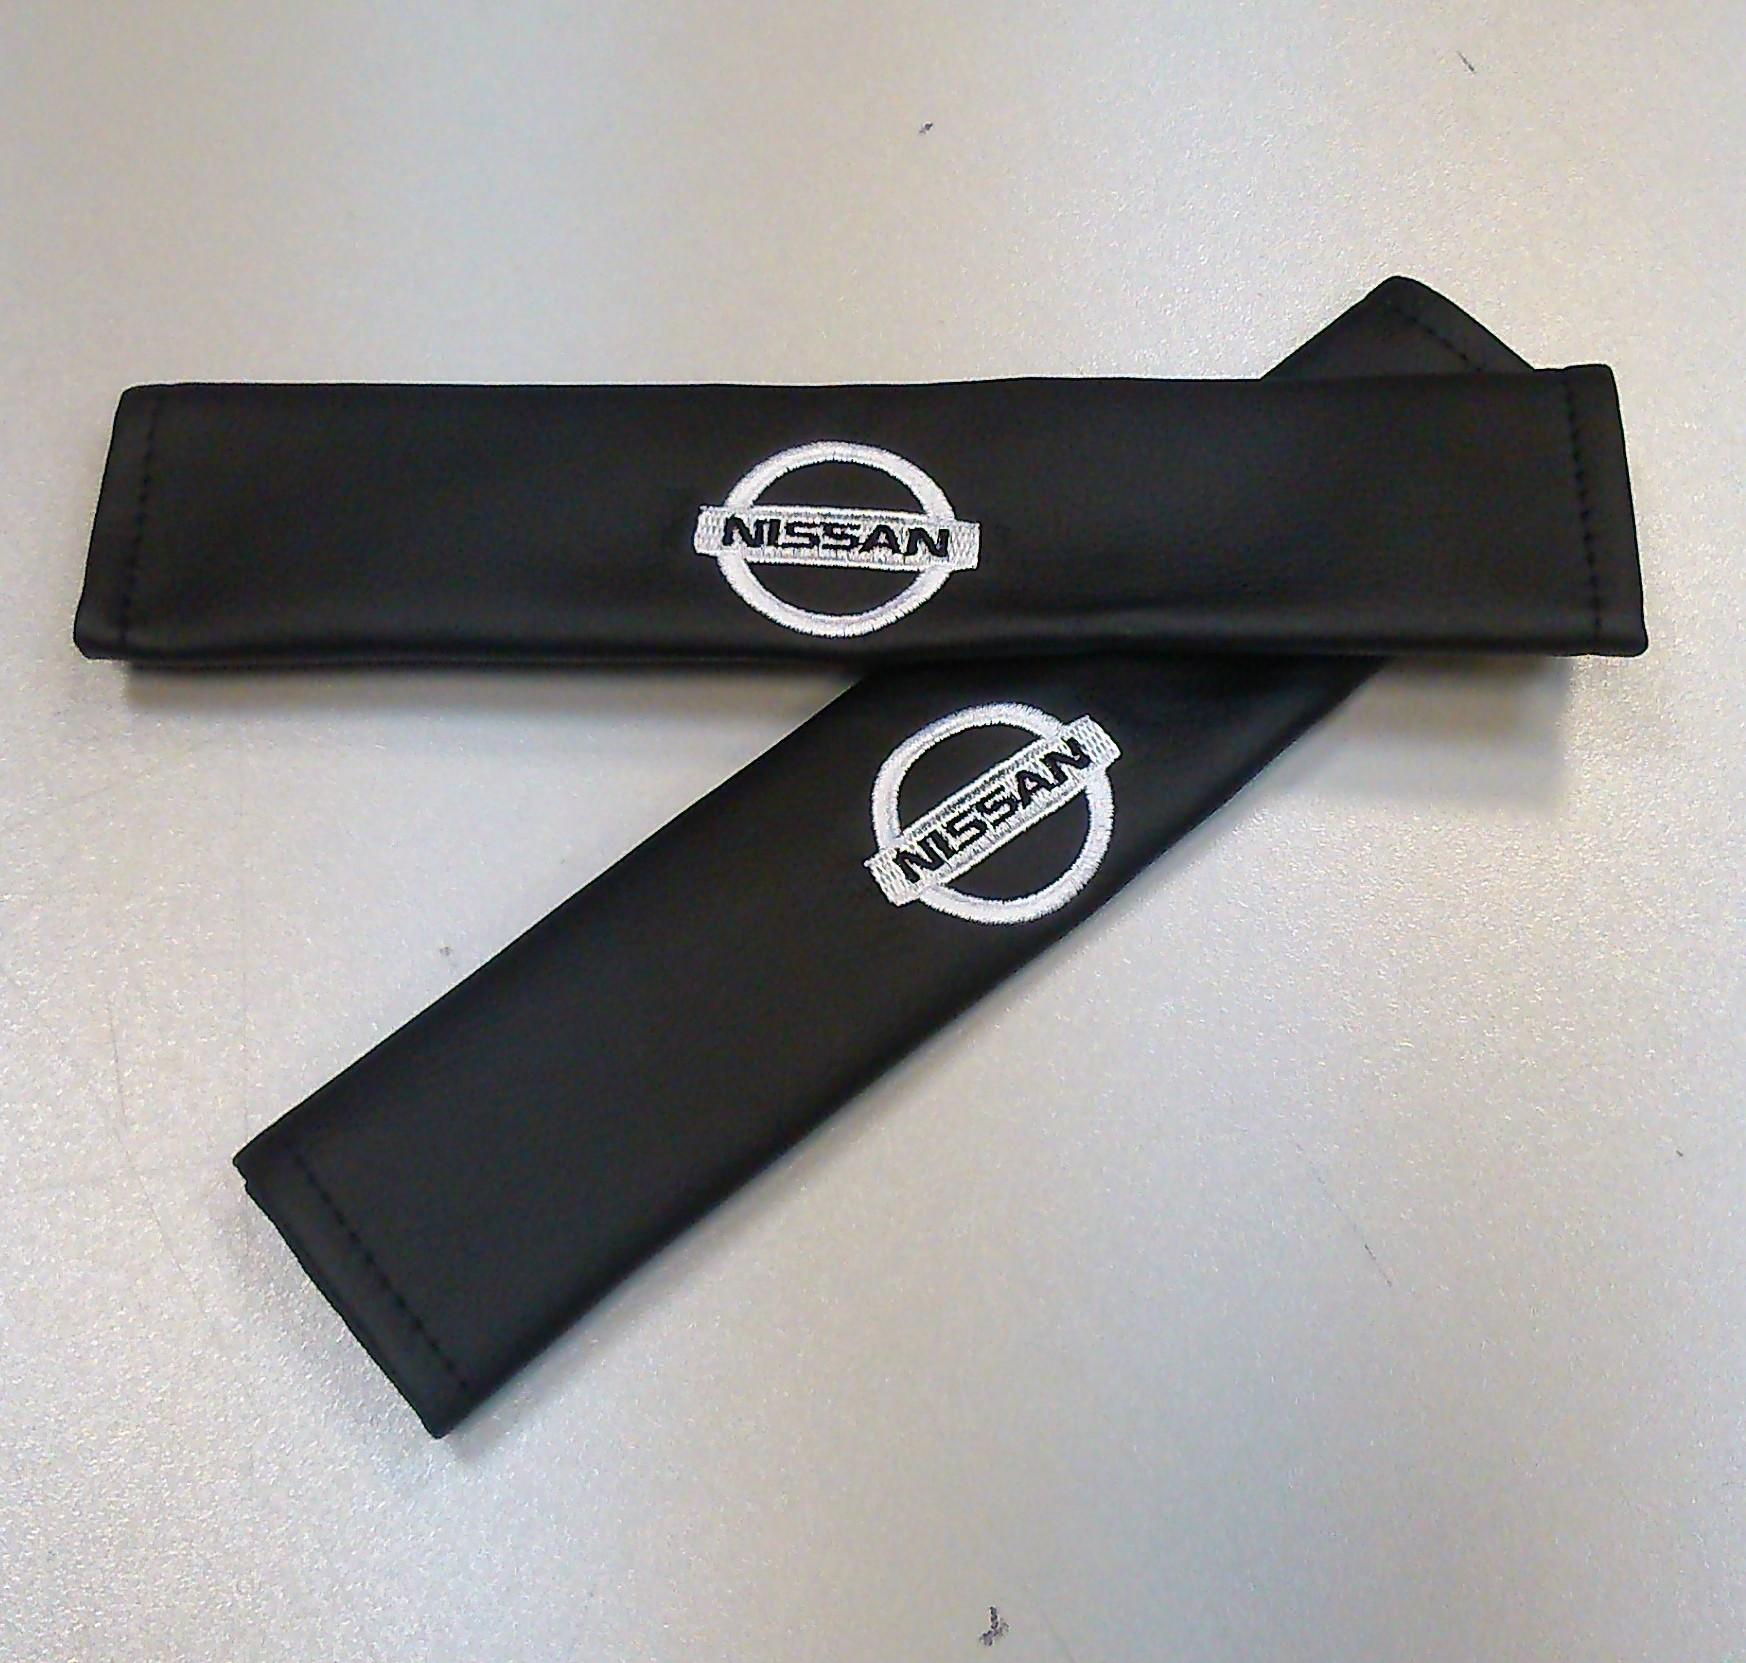 Накладки на ремень безопасности Auto Premium NISSAN, 2 шт67005Накладка на ремень безопасности легко закрепляется на ремне и решает ряд назойливых проблем: Ремень больше не натрет плечо, благодаря тому,что накладка сделана из мягкой экокожи и не мешает движению ремня. Накладка на ремень позволит защитить Вашу одежду от следов ремня безопасности. В жаркую погоду в местах соприкосновения с ремнем кожа не будет потеть, так как накладка выполнена из дышащего материала.